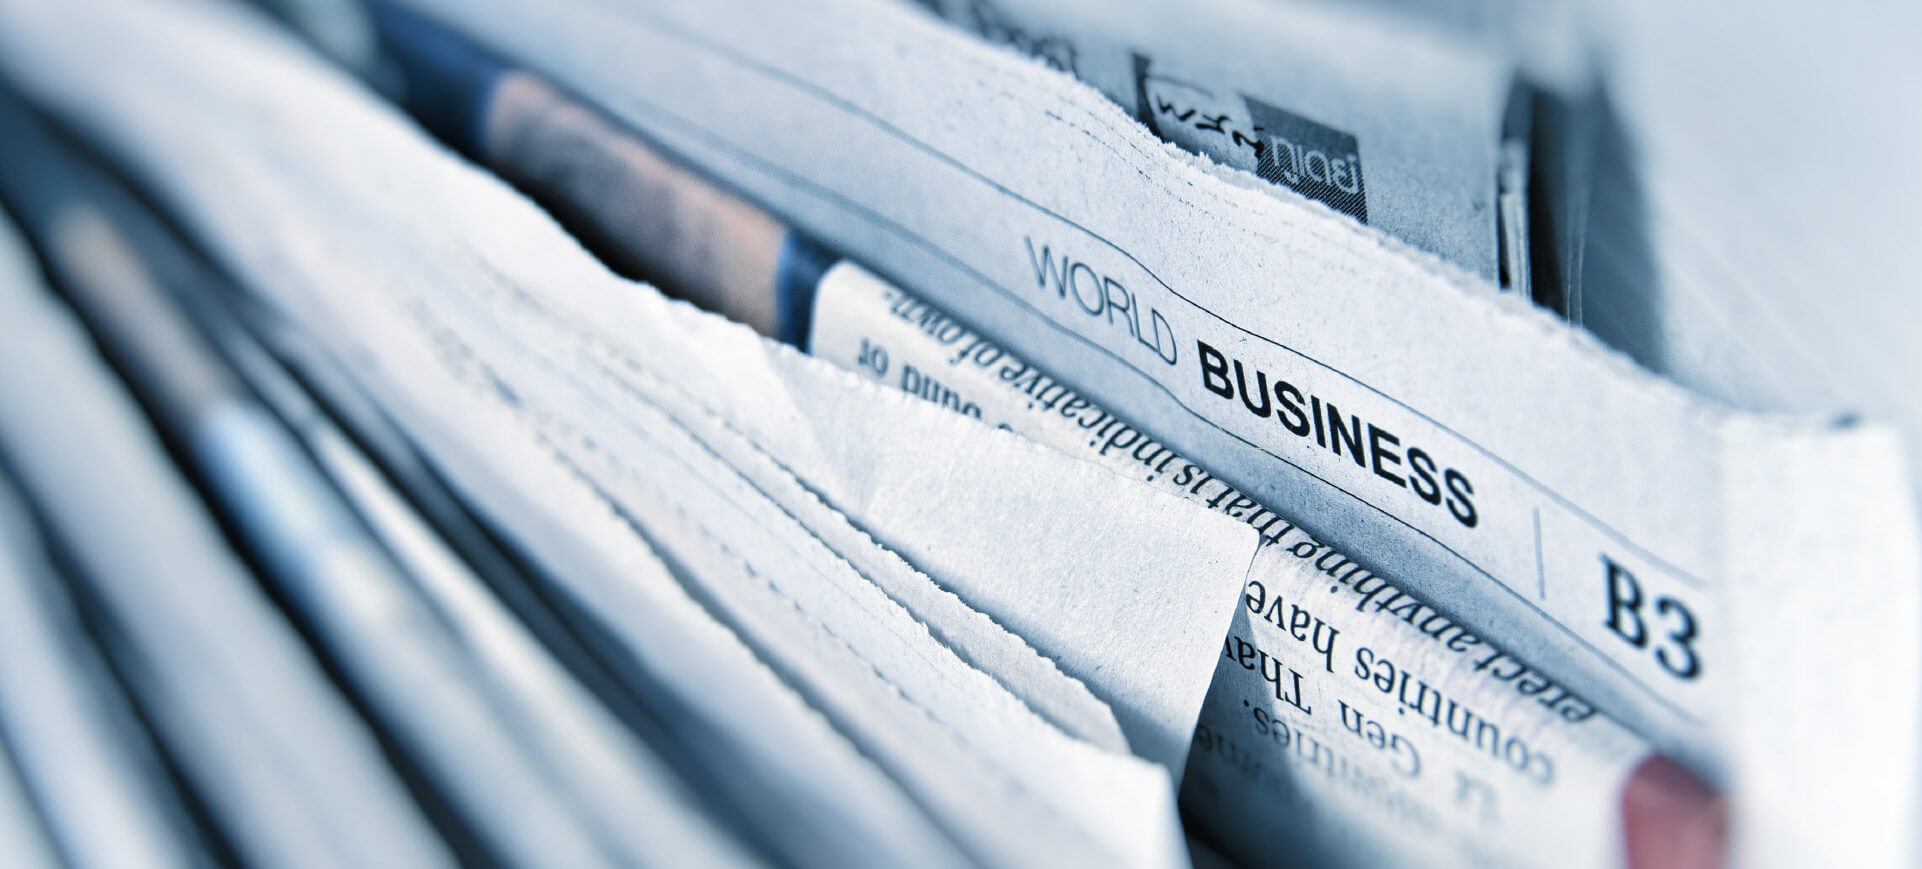 Zeitungen hintereinander aufgereiht